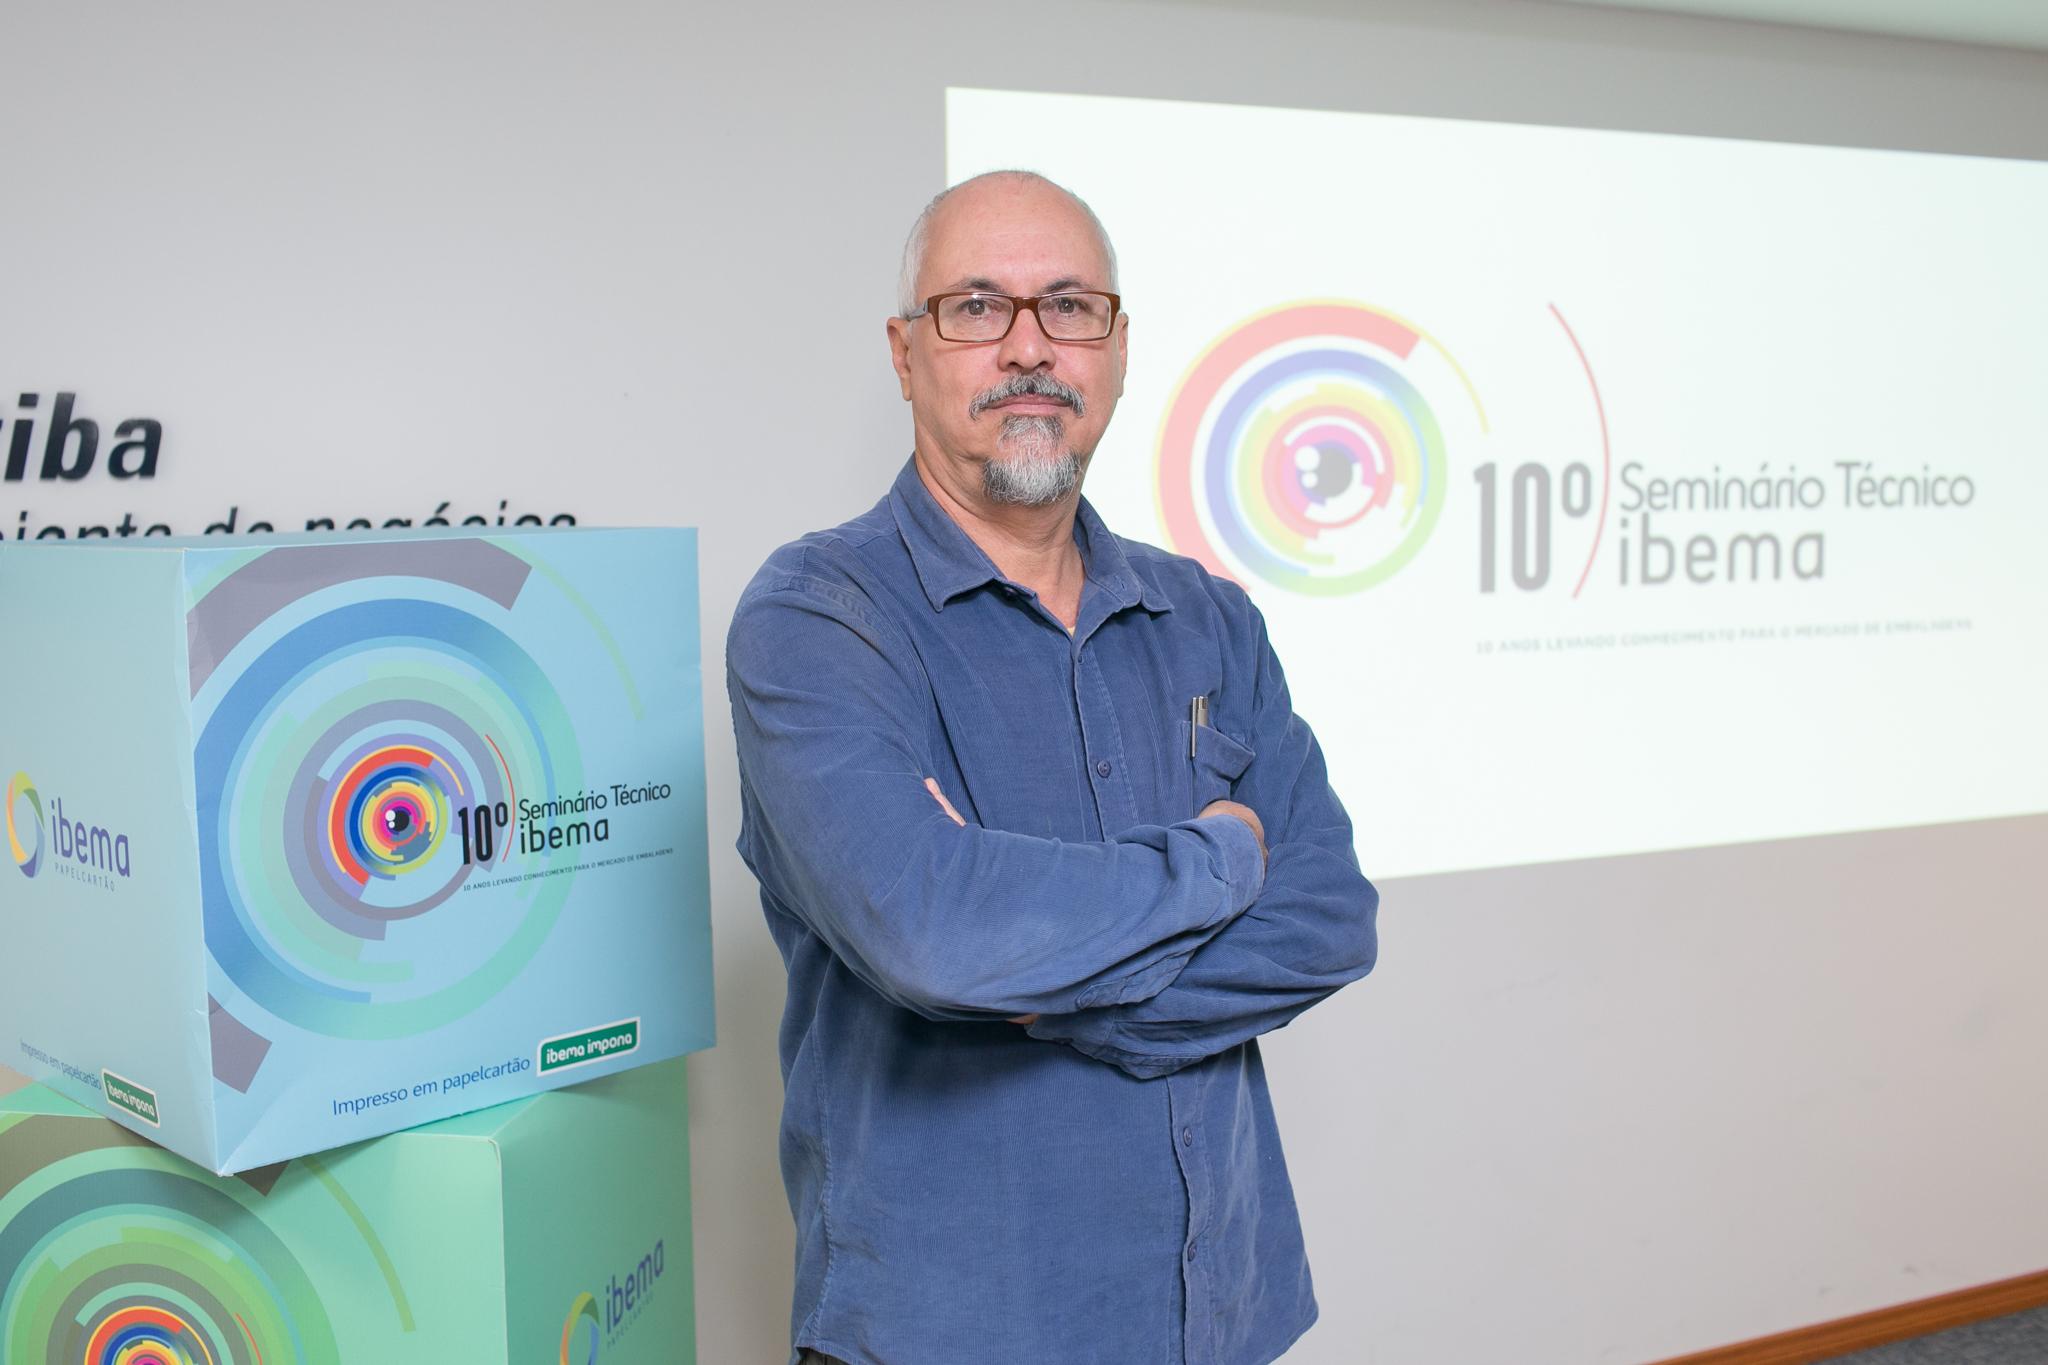 """Na imagem, o designer Fábio Mestriner está com braços cruzados em frente à uma projeção de slides onde se lê """"10º Seminário Técnico IBEMA"""", empresa onde realiza consultoria."""